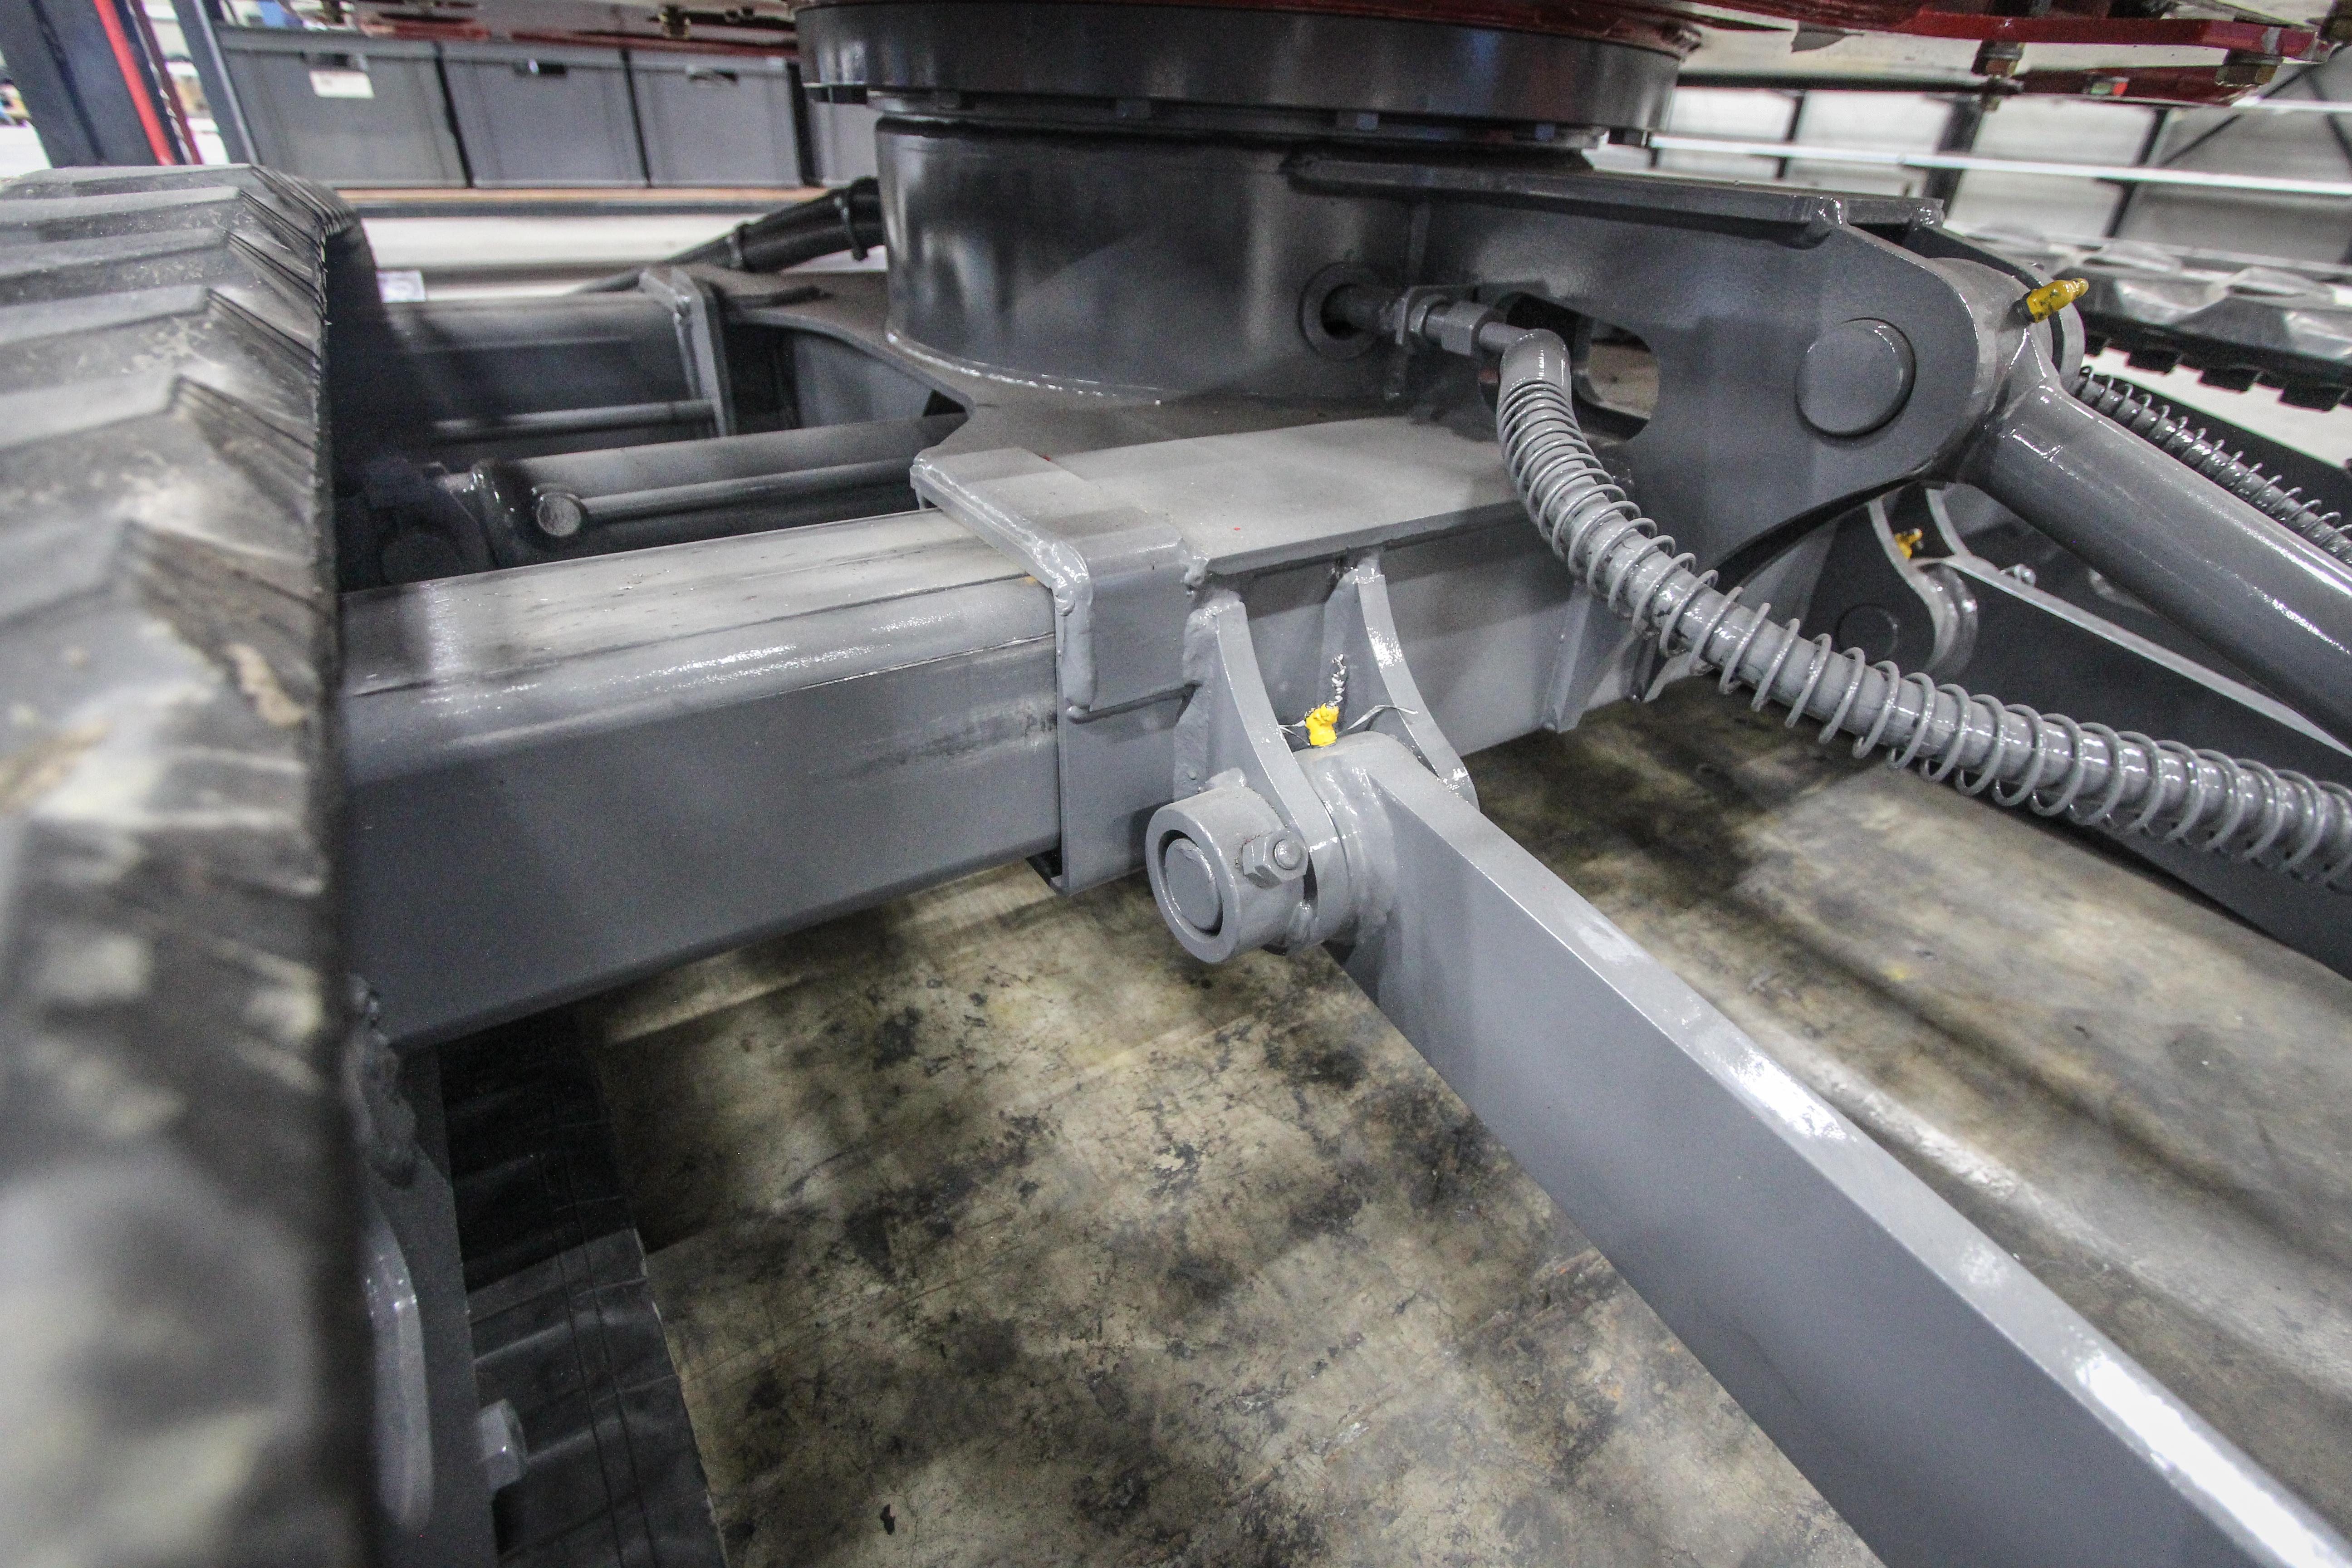 <p>Uitschuifbare onderwagens zijn geen unicum, maar een slag van 40 centimeter is dat wél. De breedte van 1,50 meter geeft extra stabiliteit. Zeker in combinatie met de conventionele bouw.  </p>